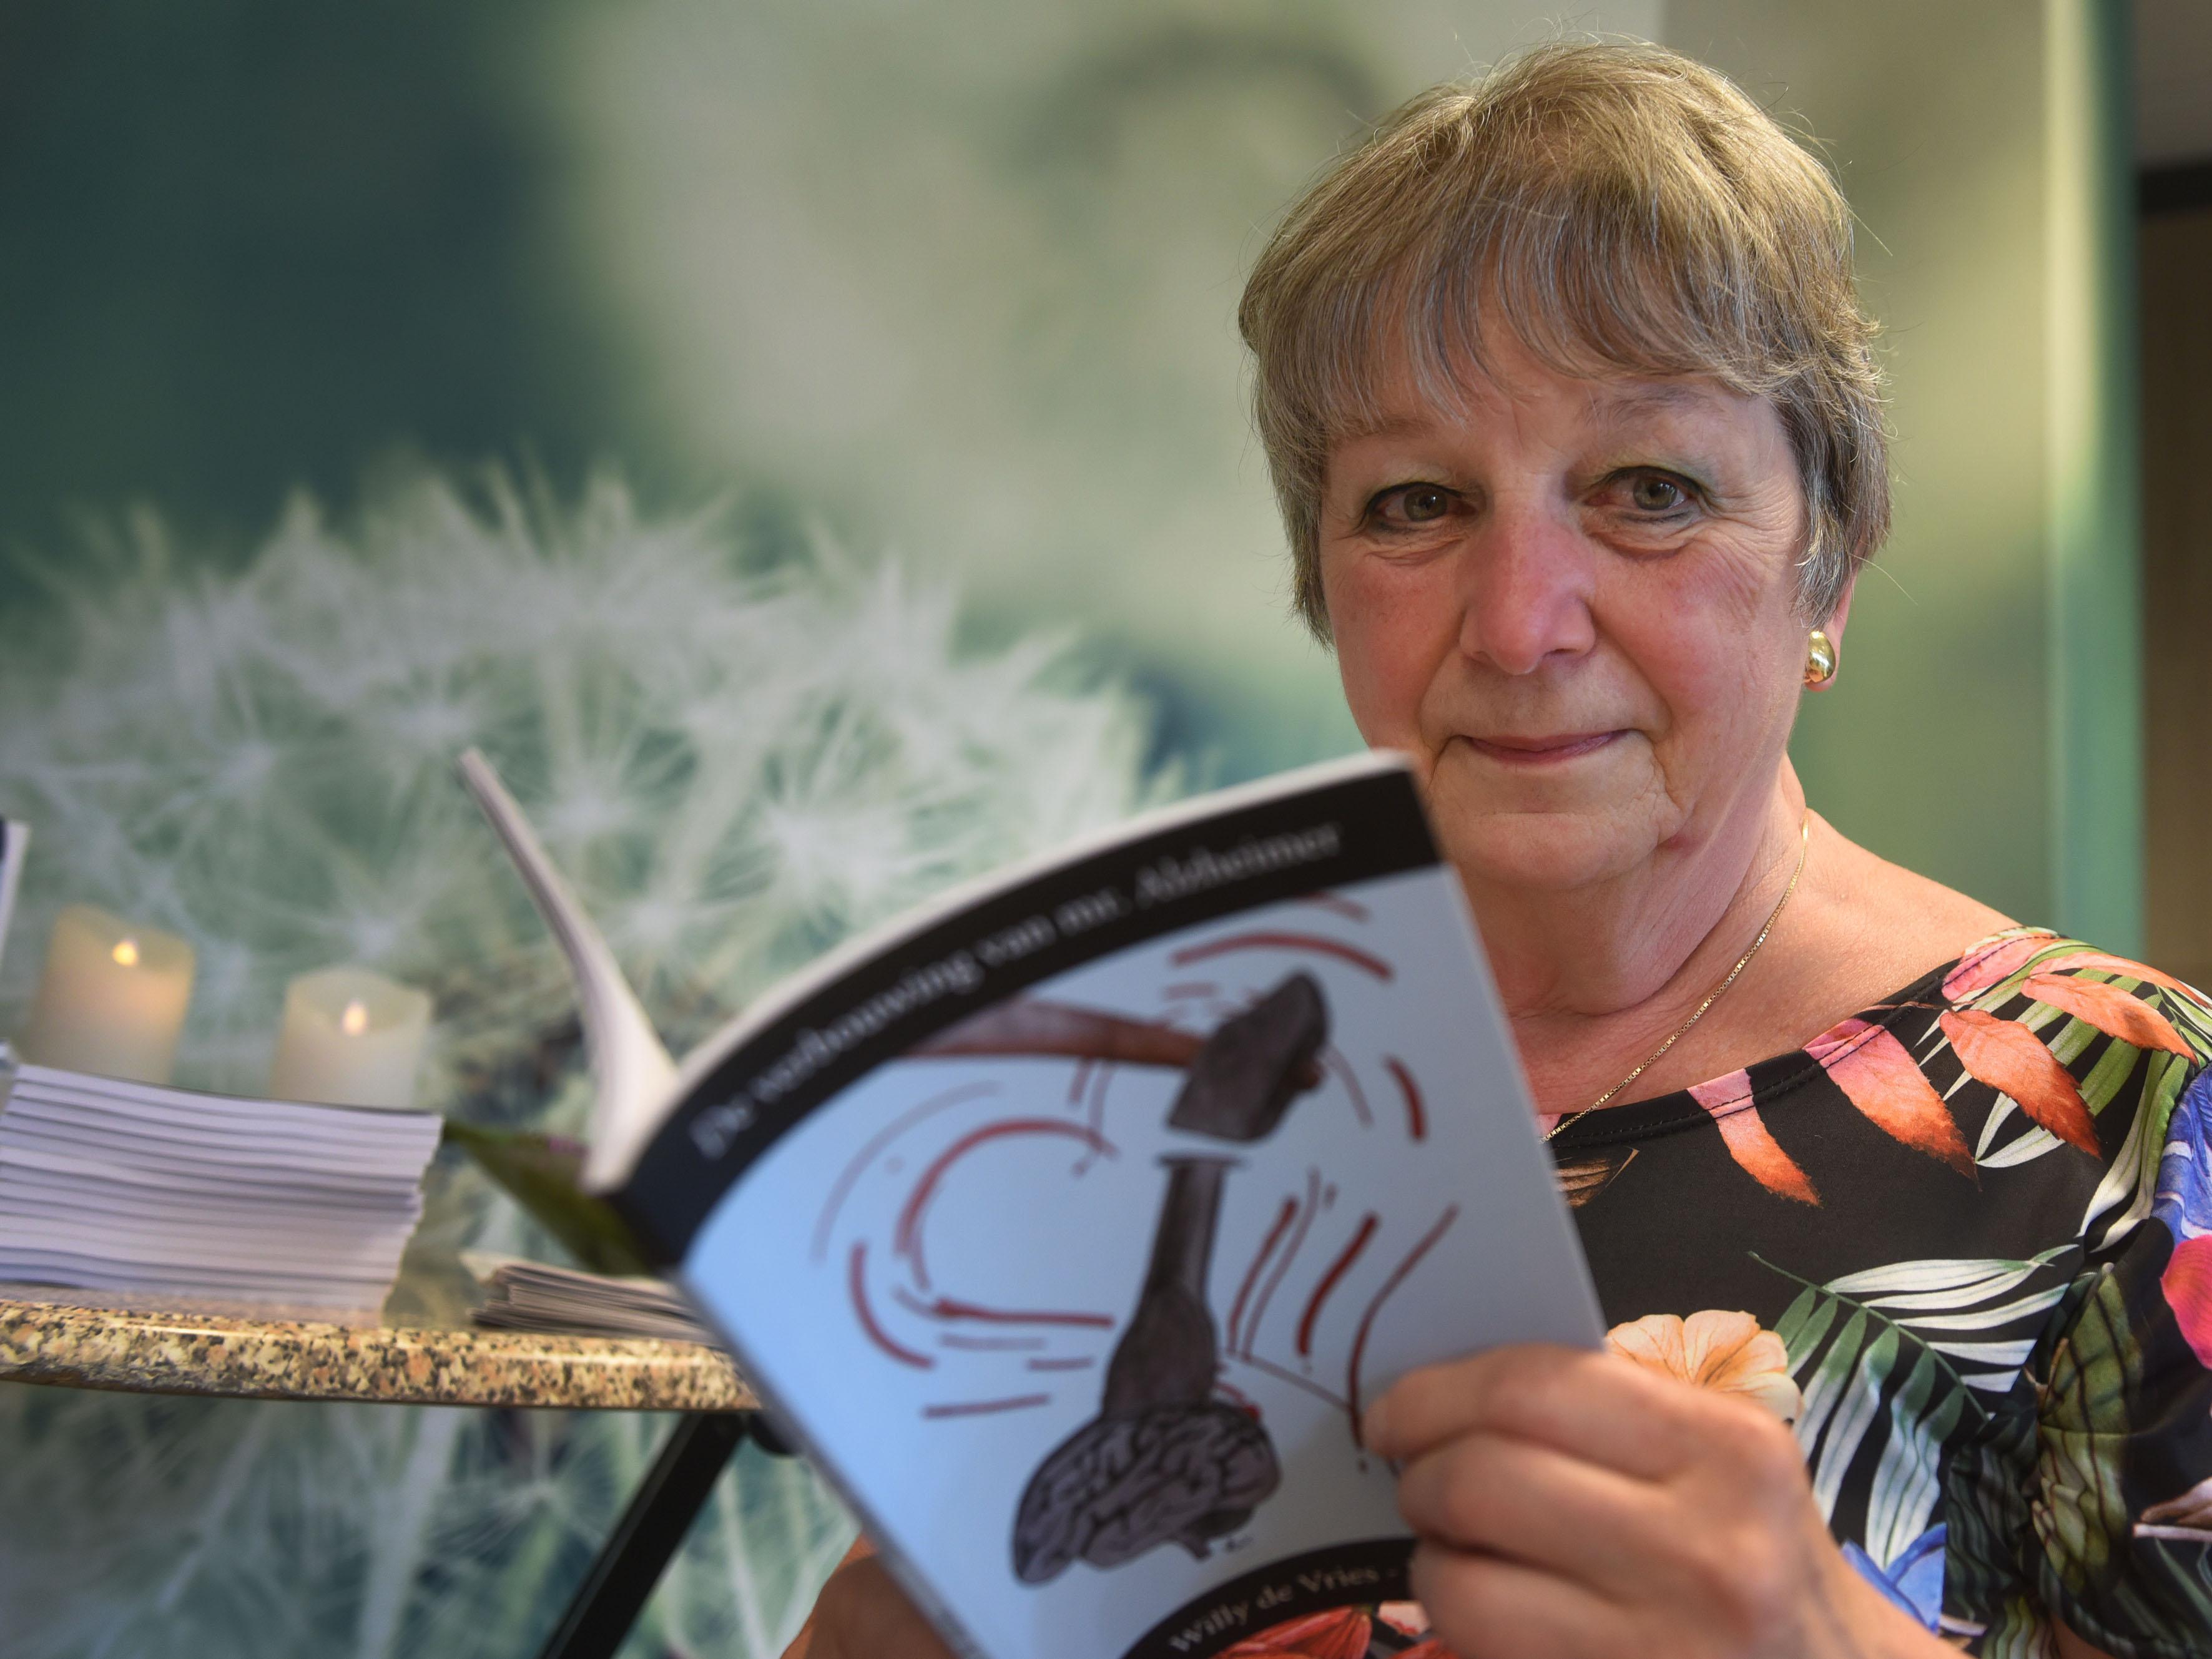 Willy de Vries-Kuijken geeft met boekje over Alzheimer beeld van impact voor patiënt en naasten